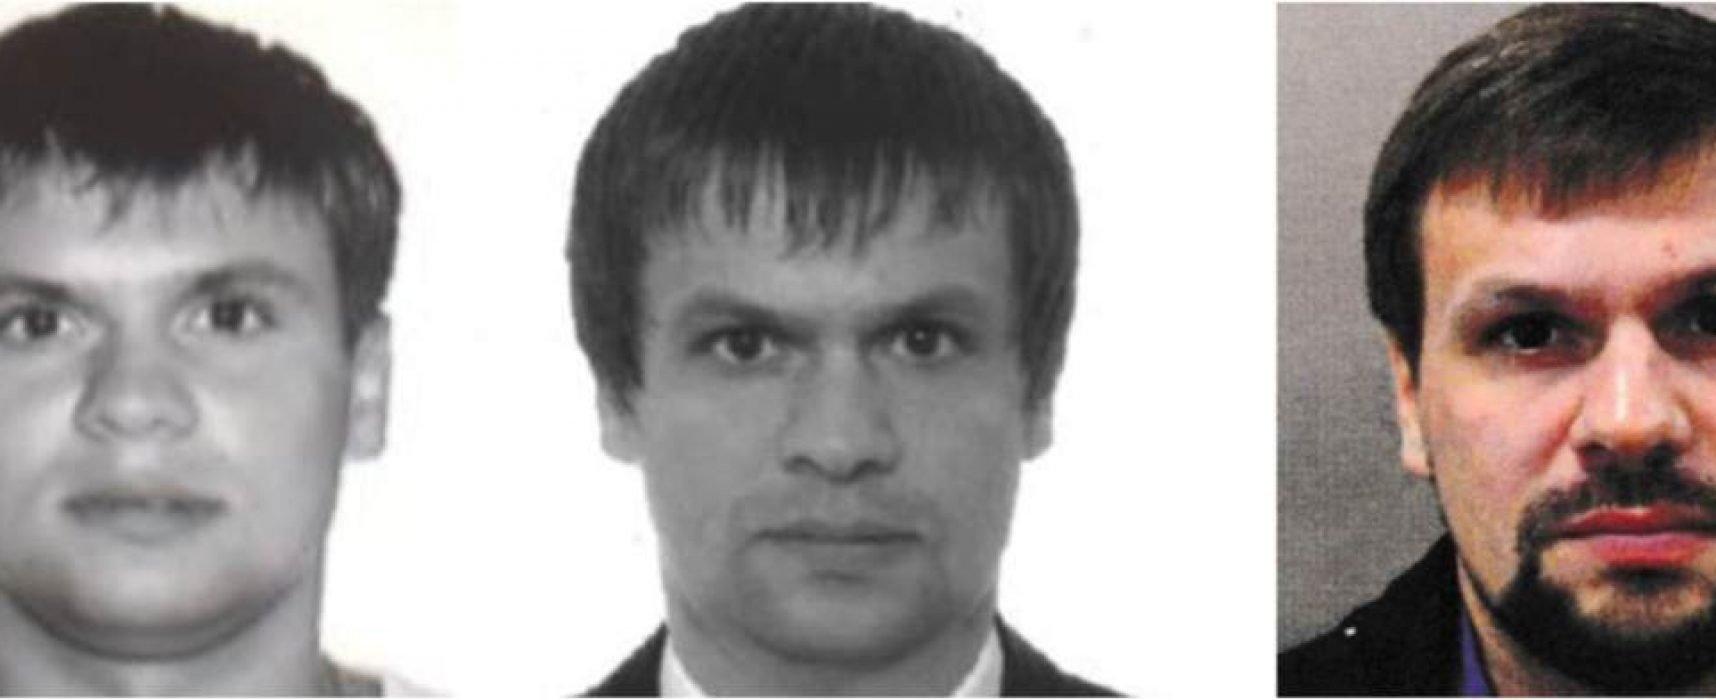 Підозрюваний в отруєнні Скрипалів «Руслан Бошіров» виявився полковником ГРУ Анатолієм Чепігою